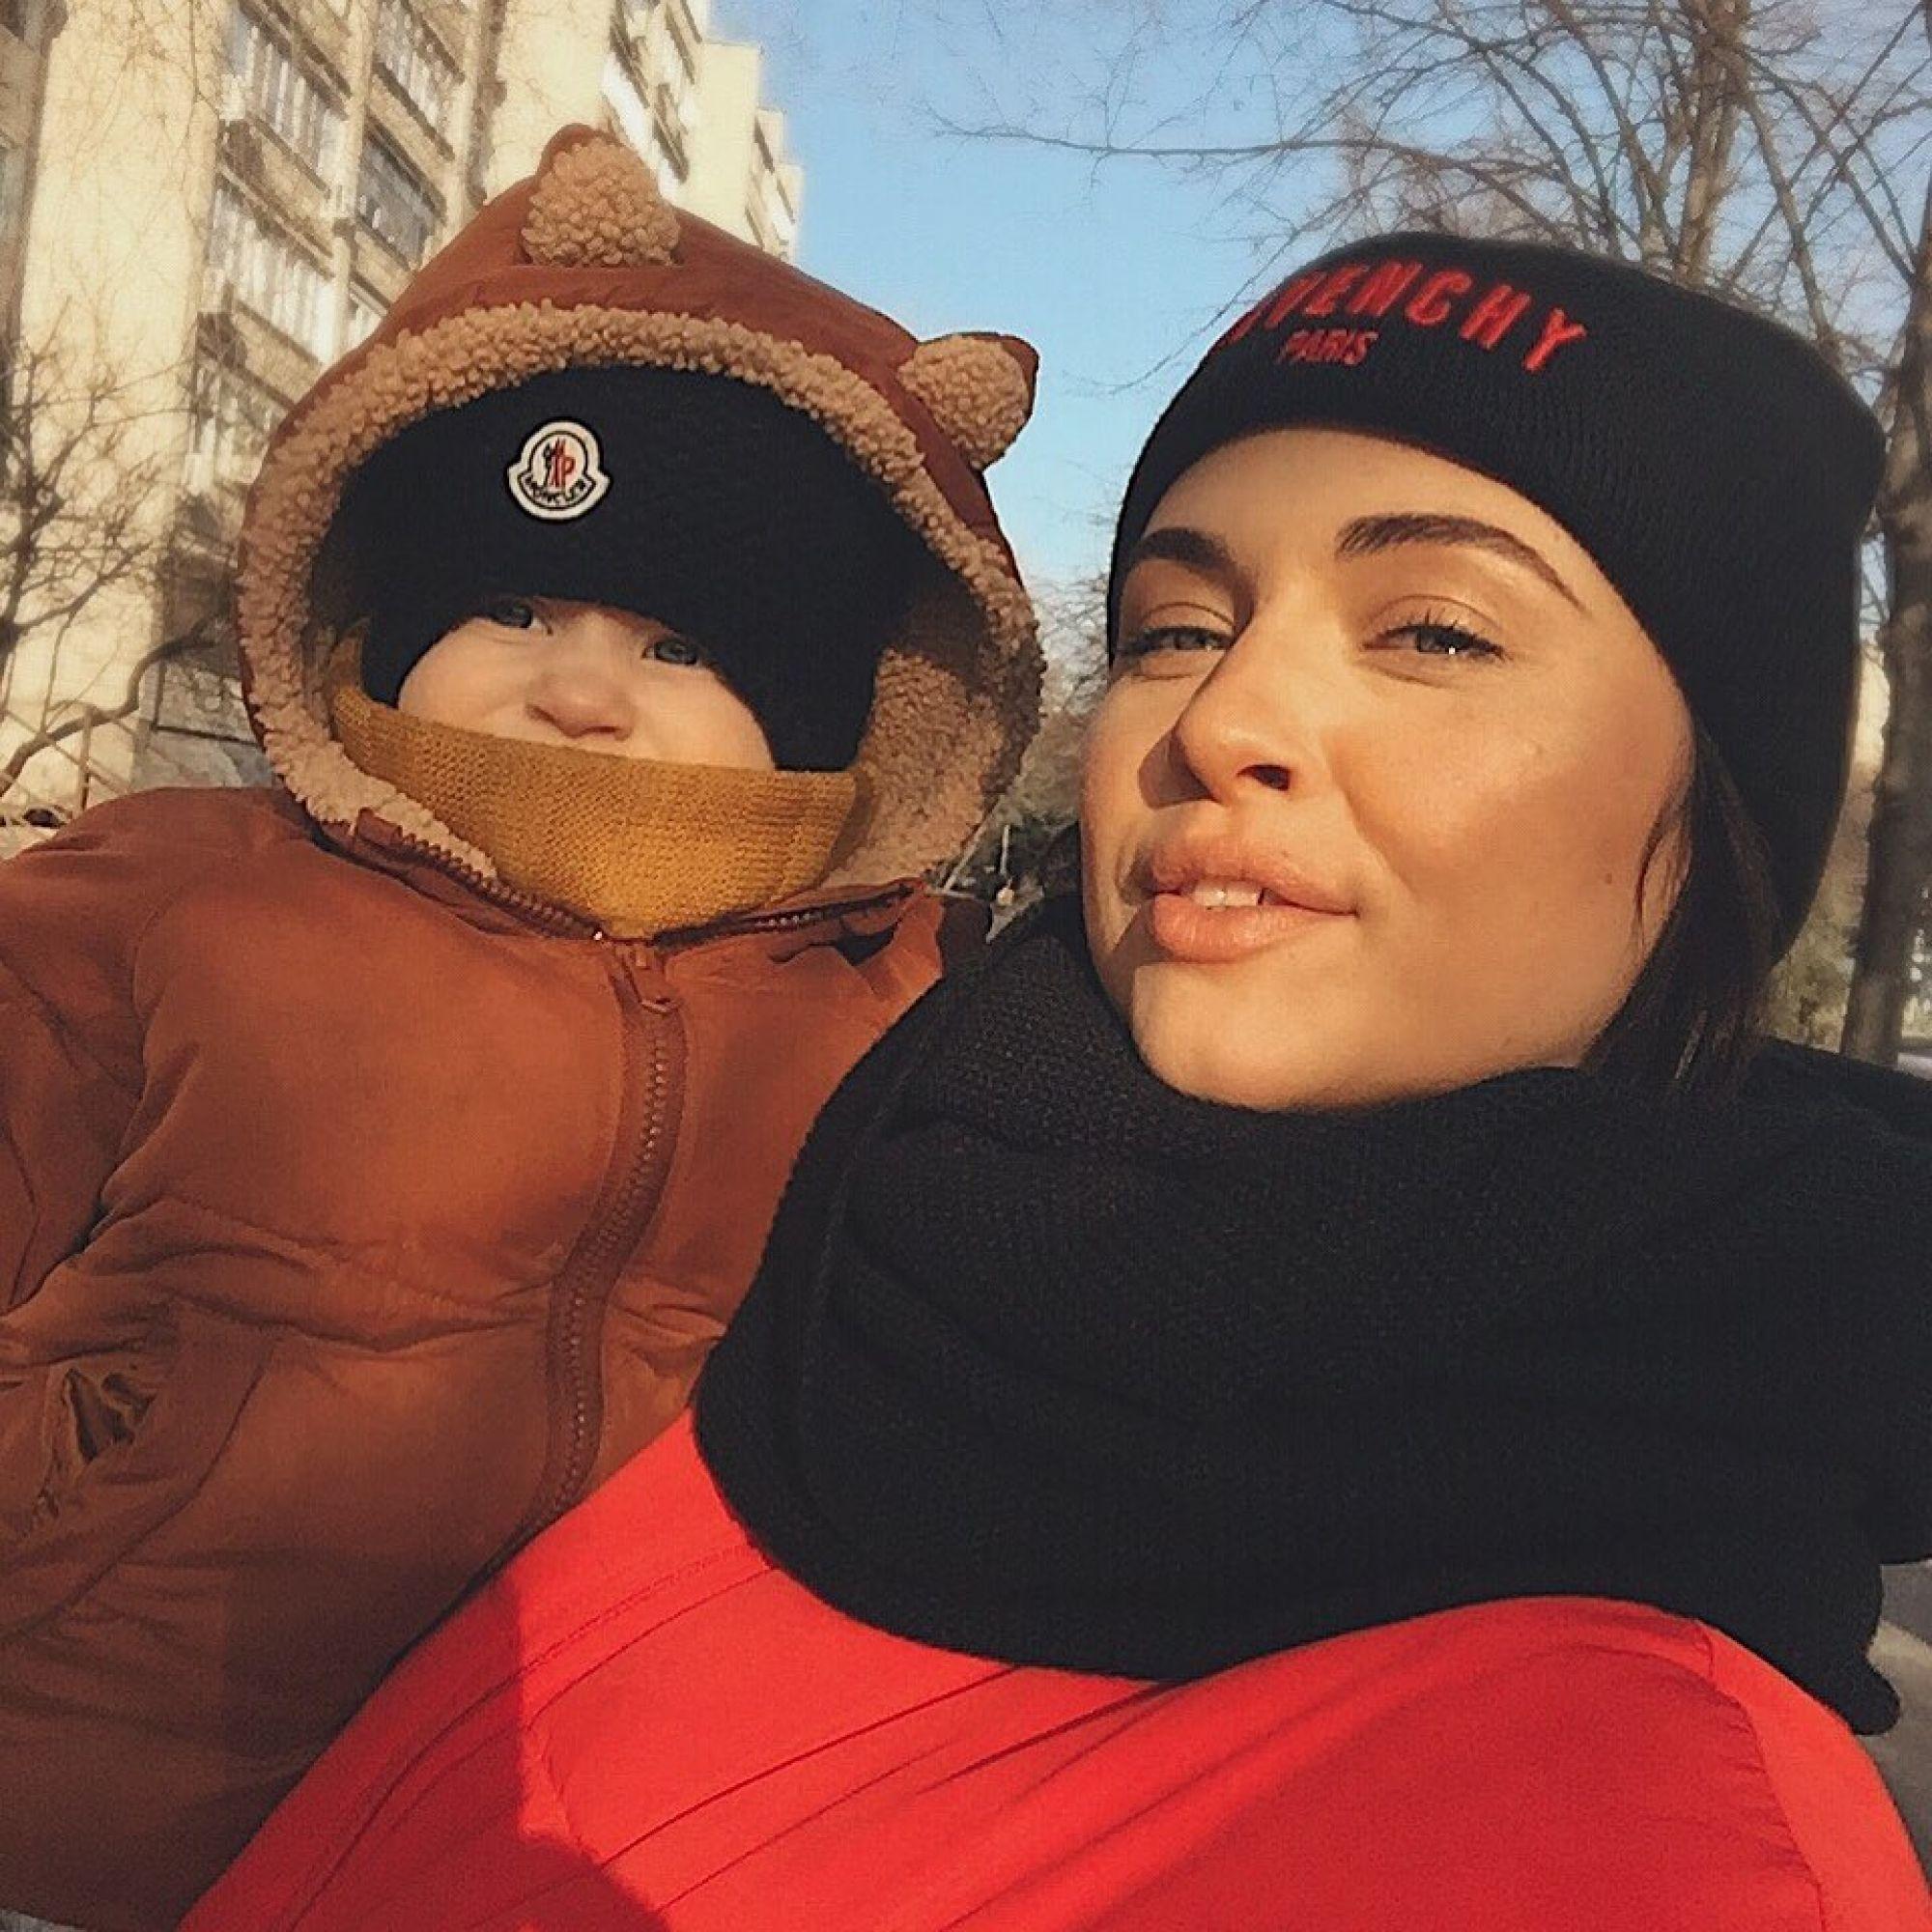 Адвокат Александра Головина: «Оплачивать капризы матери его дочери несправедливо»